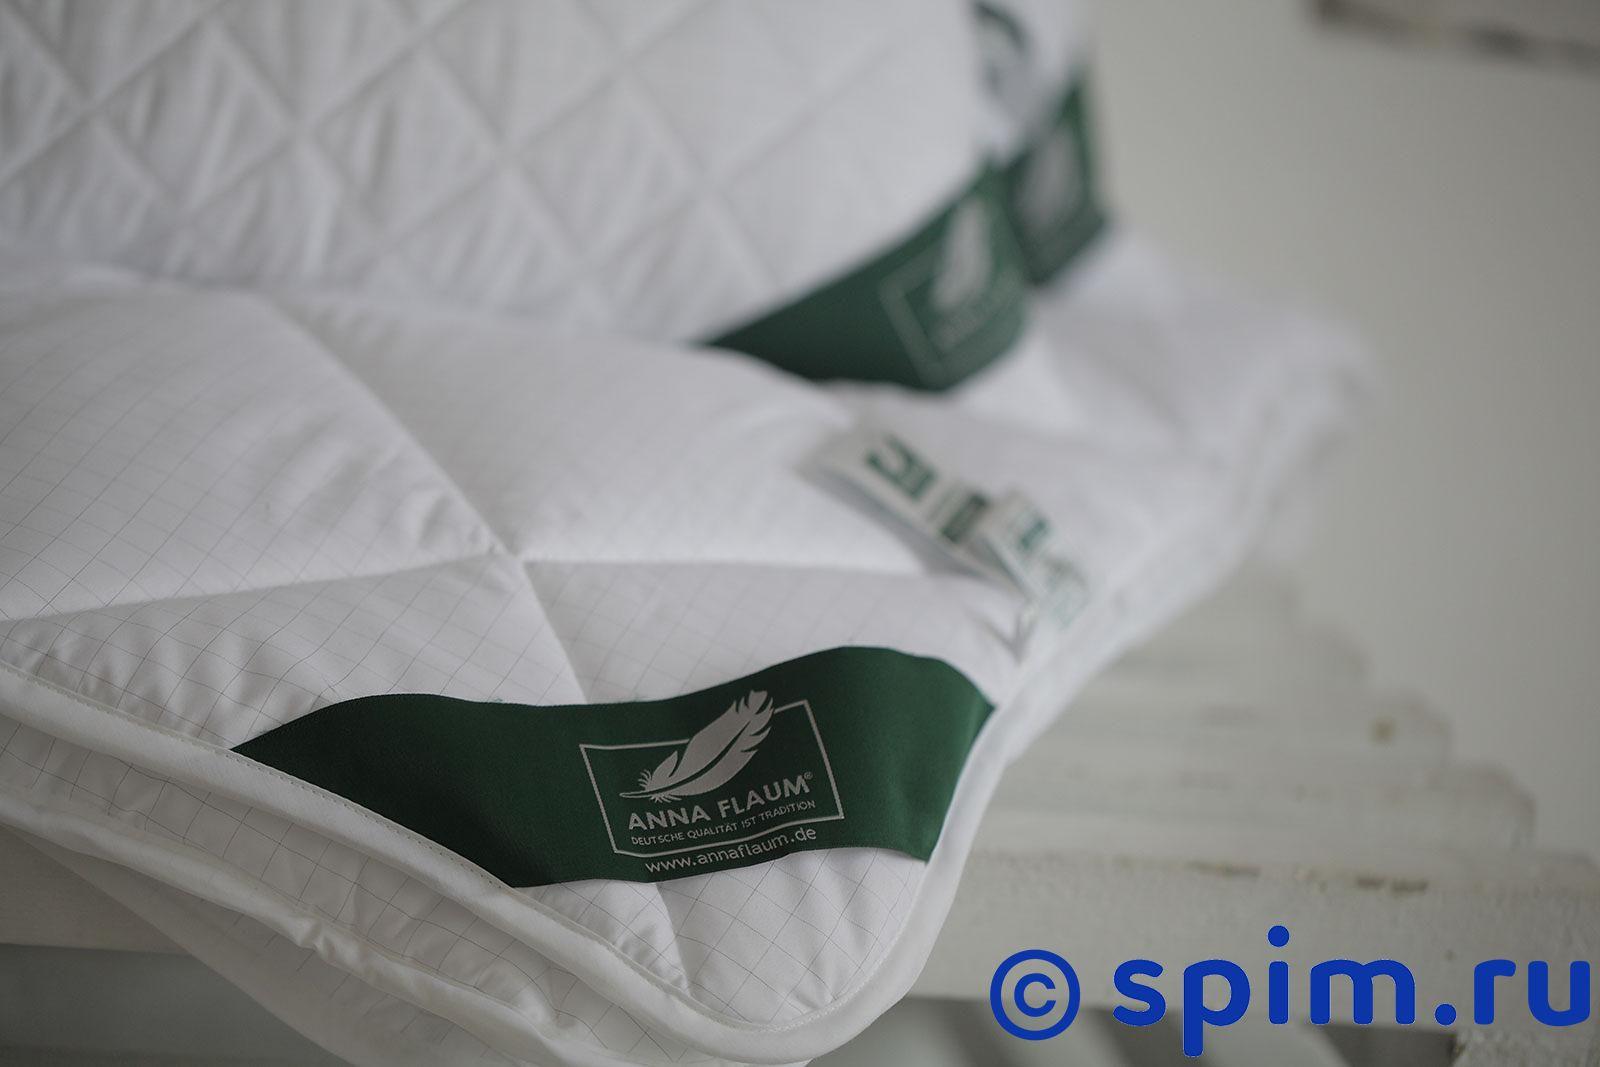 Одеяло Anna Flaum Energie, всесезонное 150х200 см одеяла anna flaum одеяло flaum herbst 150х200 всесезонное